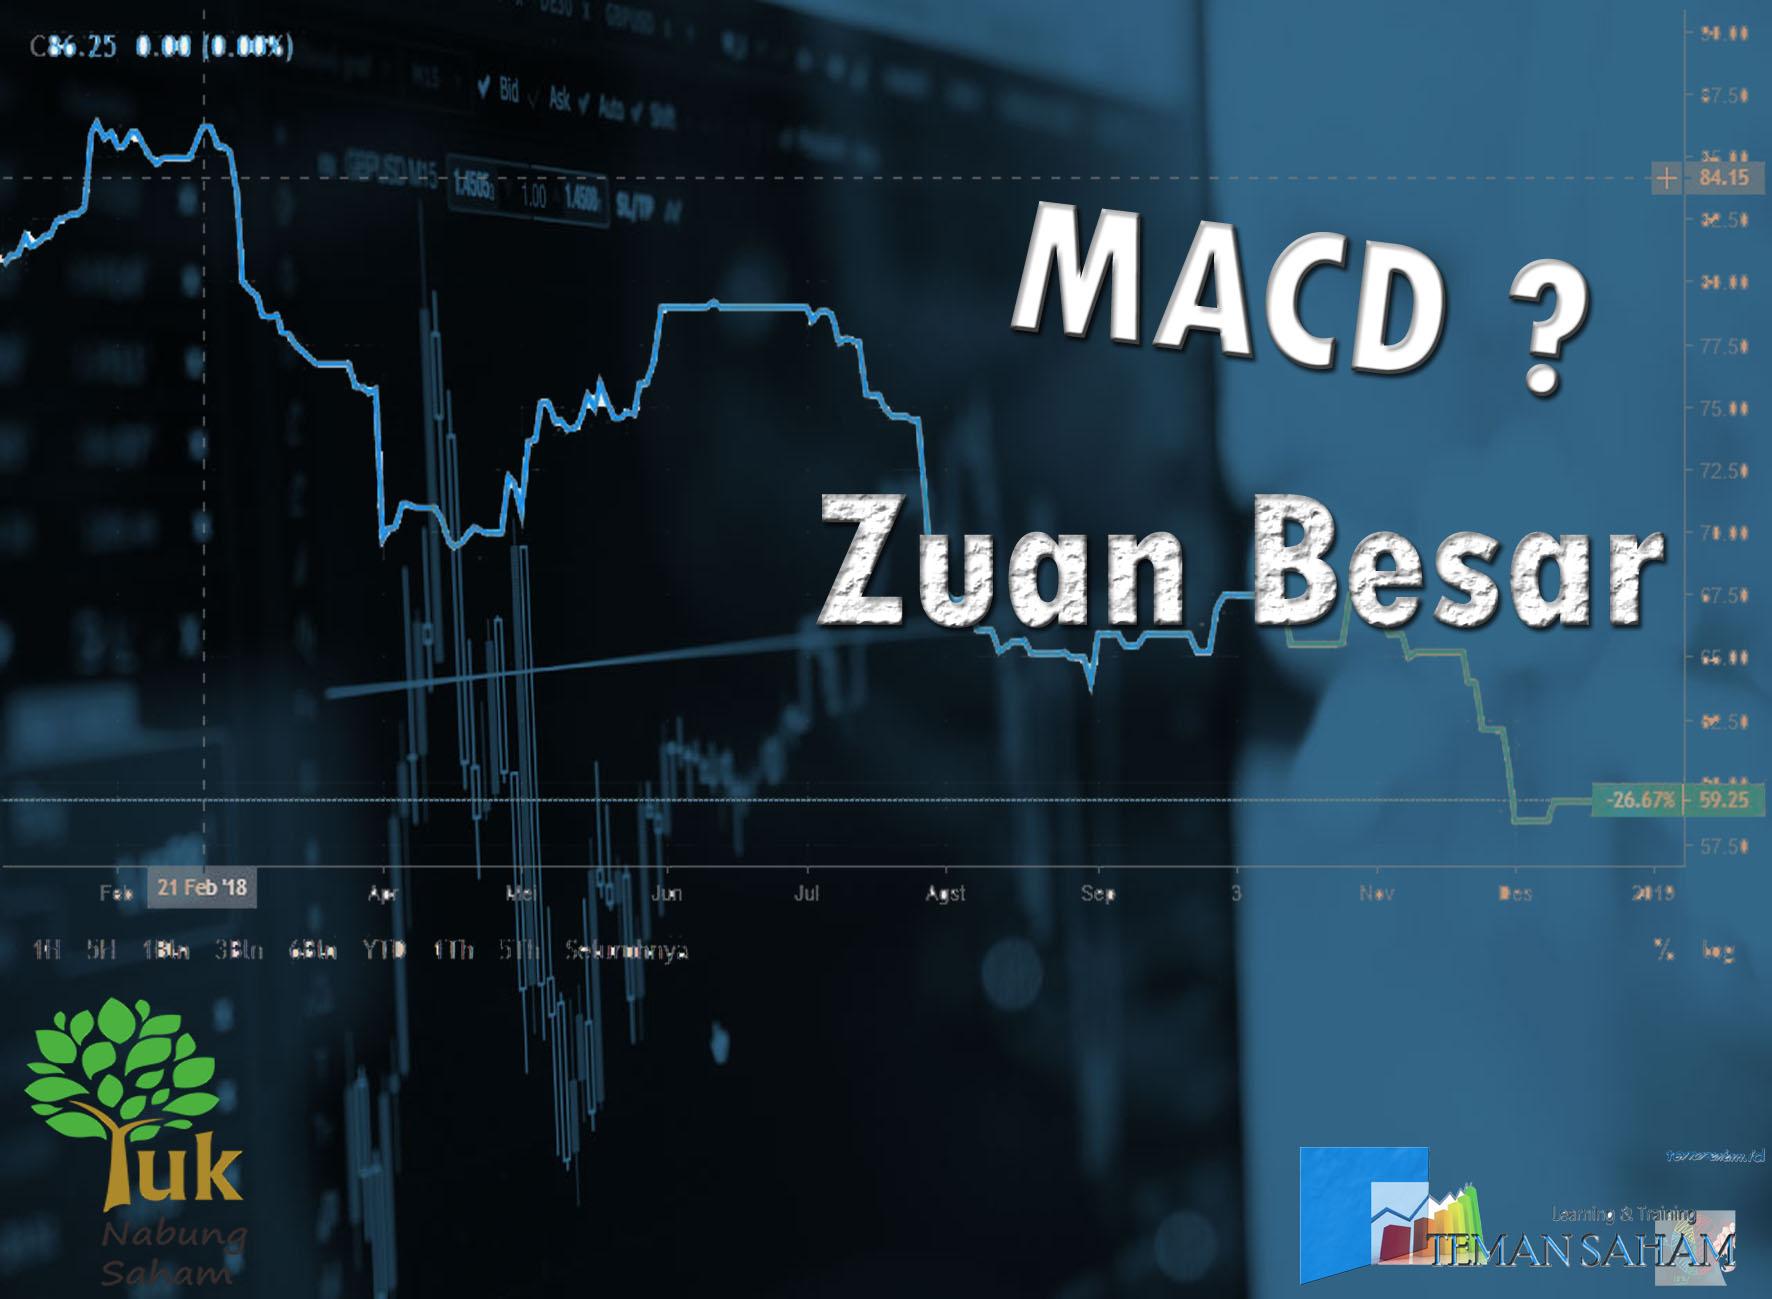 [Belajar] Mengenal Lebih Dekat MACD pada indikator Saham